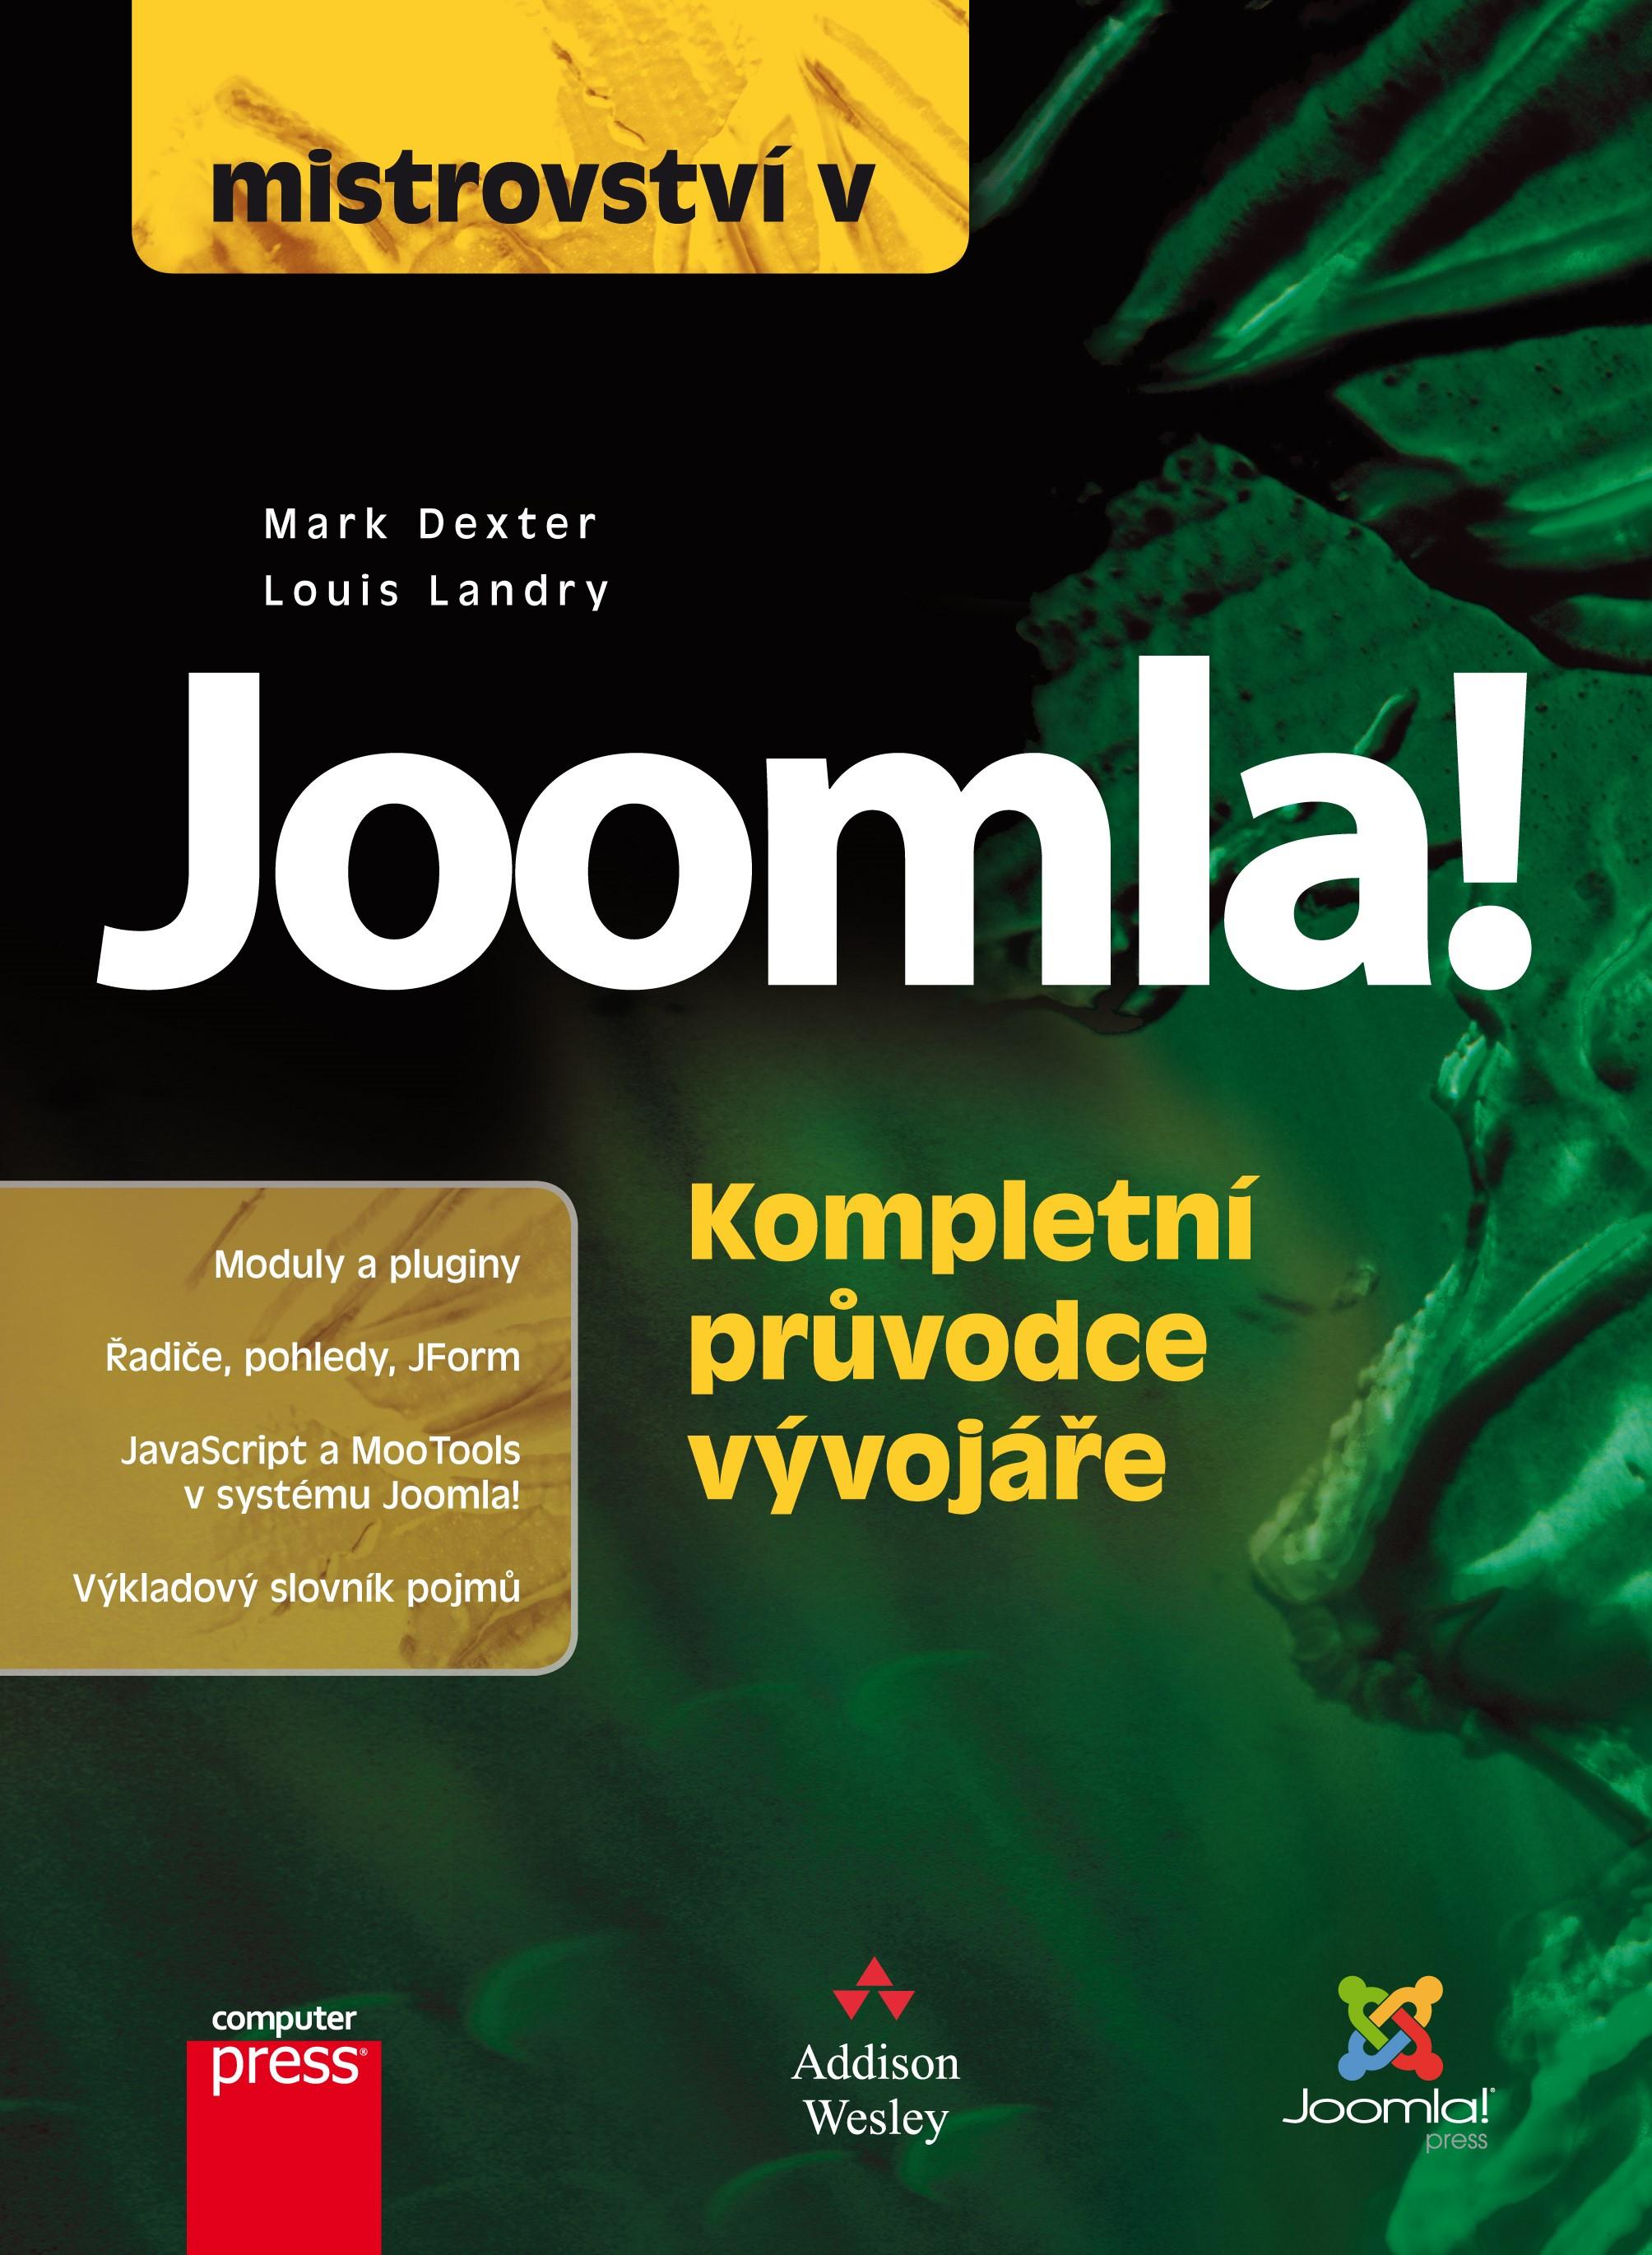 Mistrovství v Joomla! Kompletní průvodce vývojáře